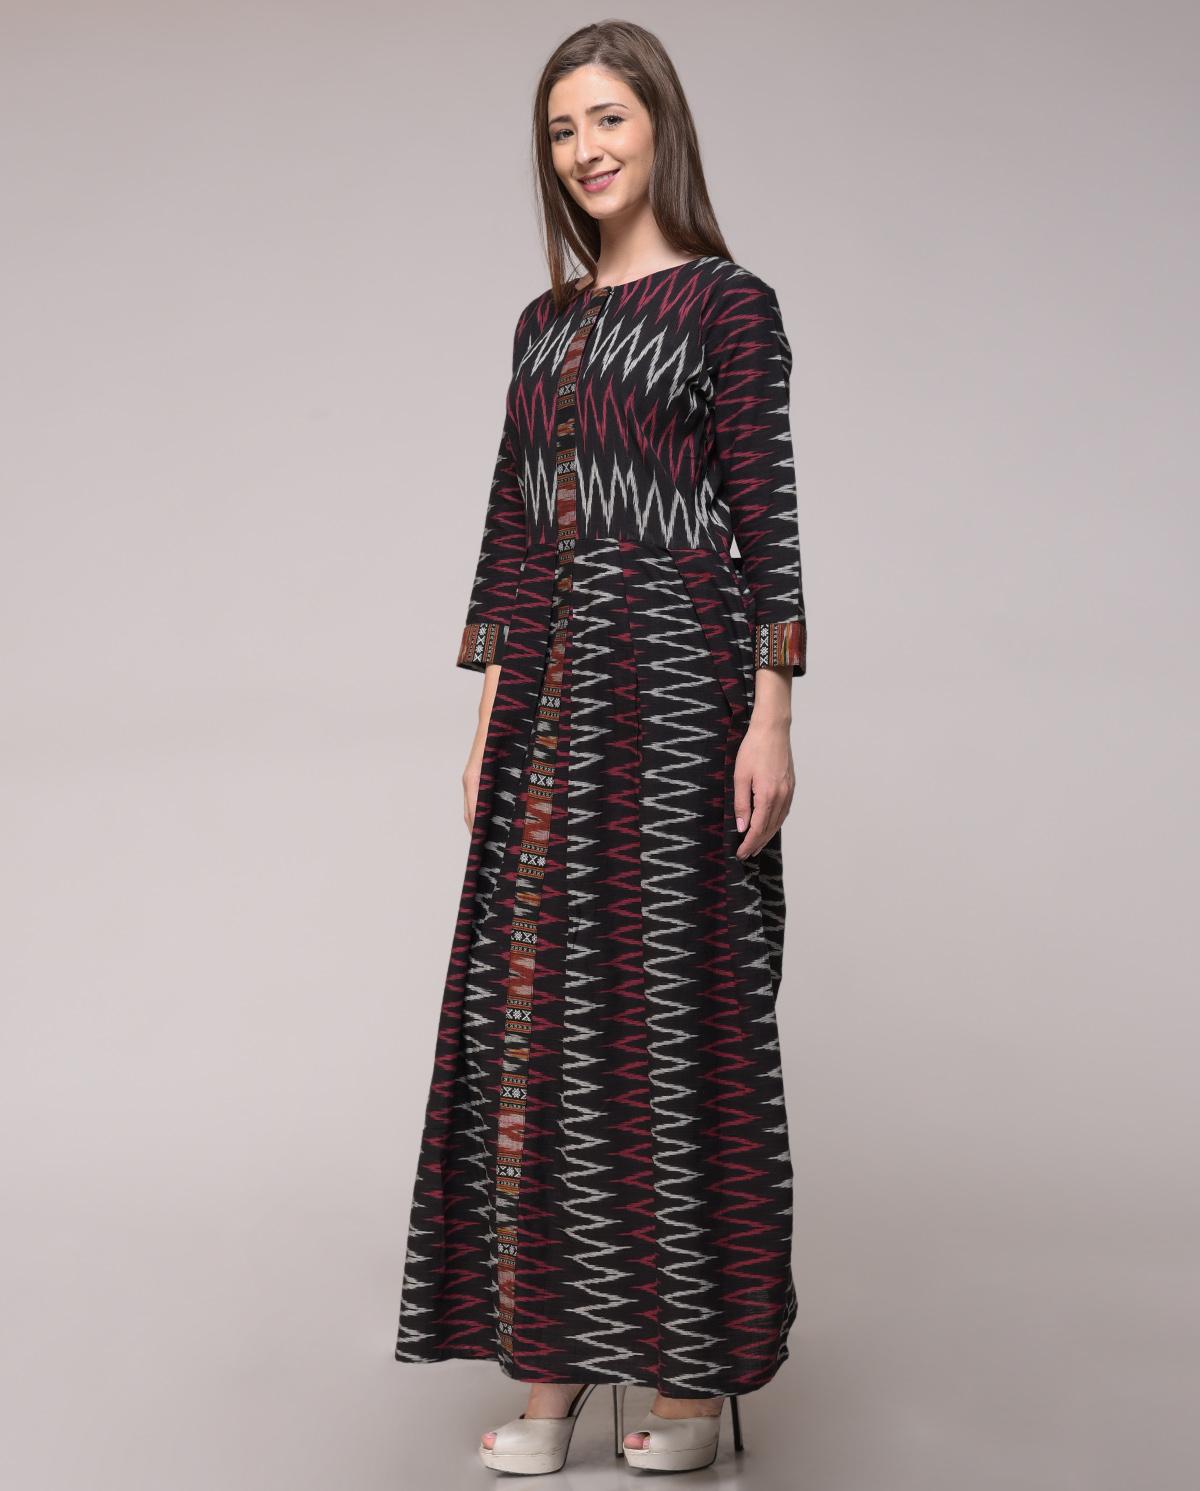 Chevron ikat pleated dress